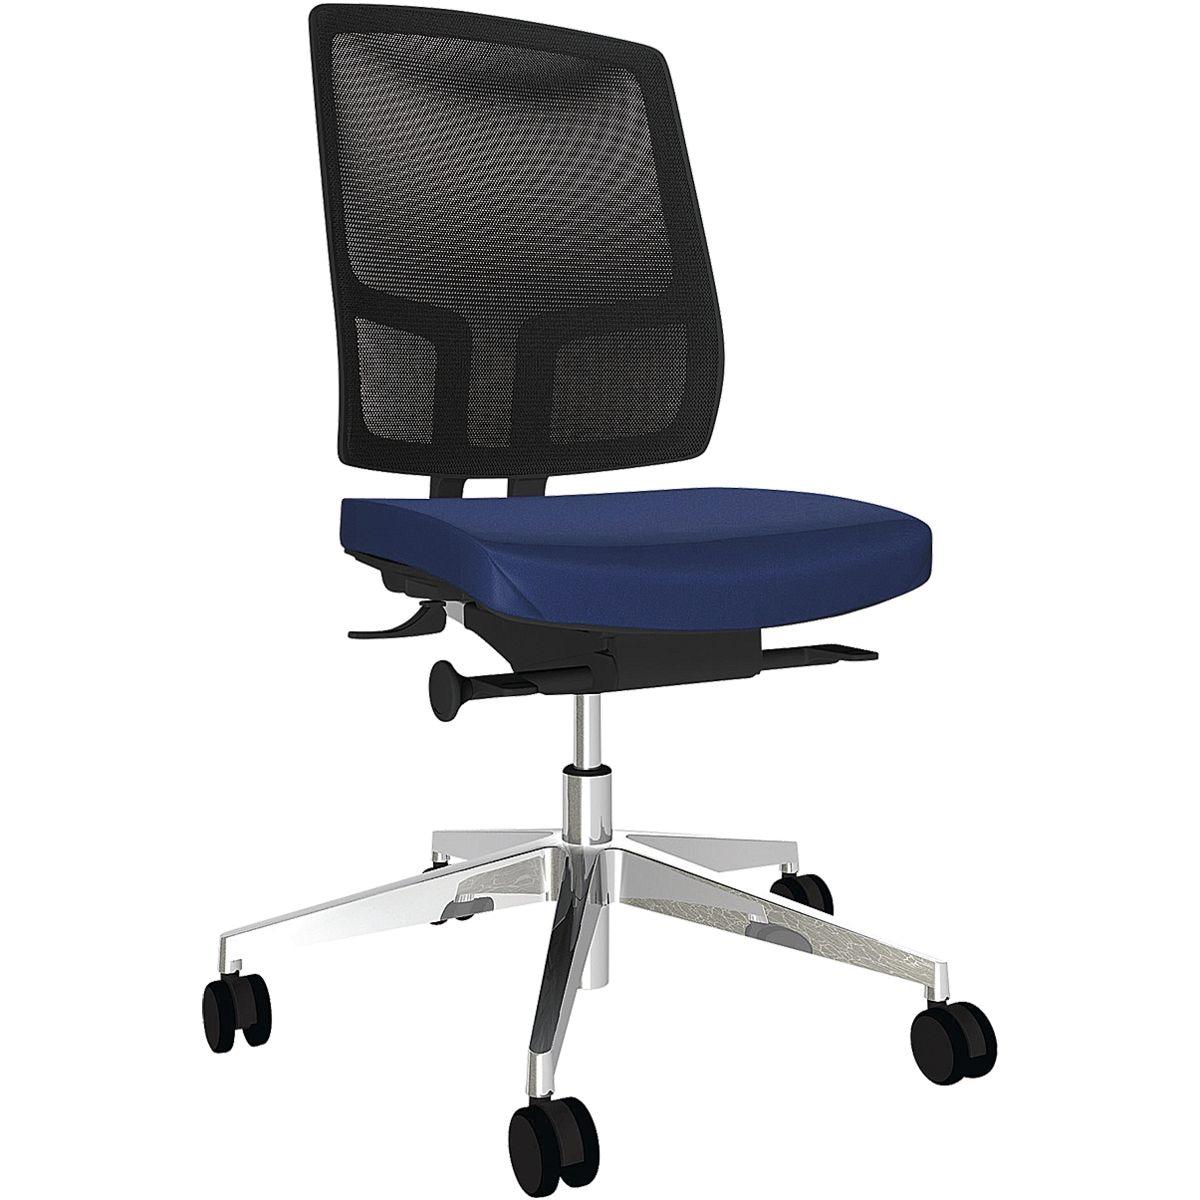 Bürostuhl fm Büromöbel »Netgo« ohne Armlehnen, Fußkreuz: Aluminium ...